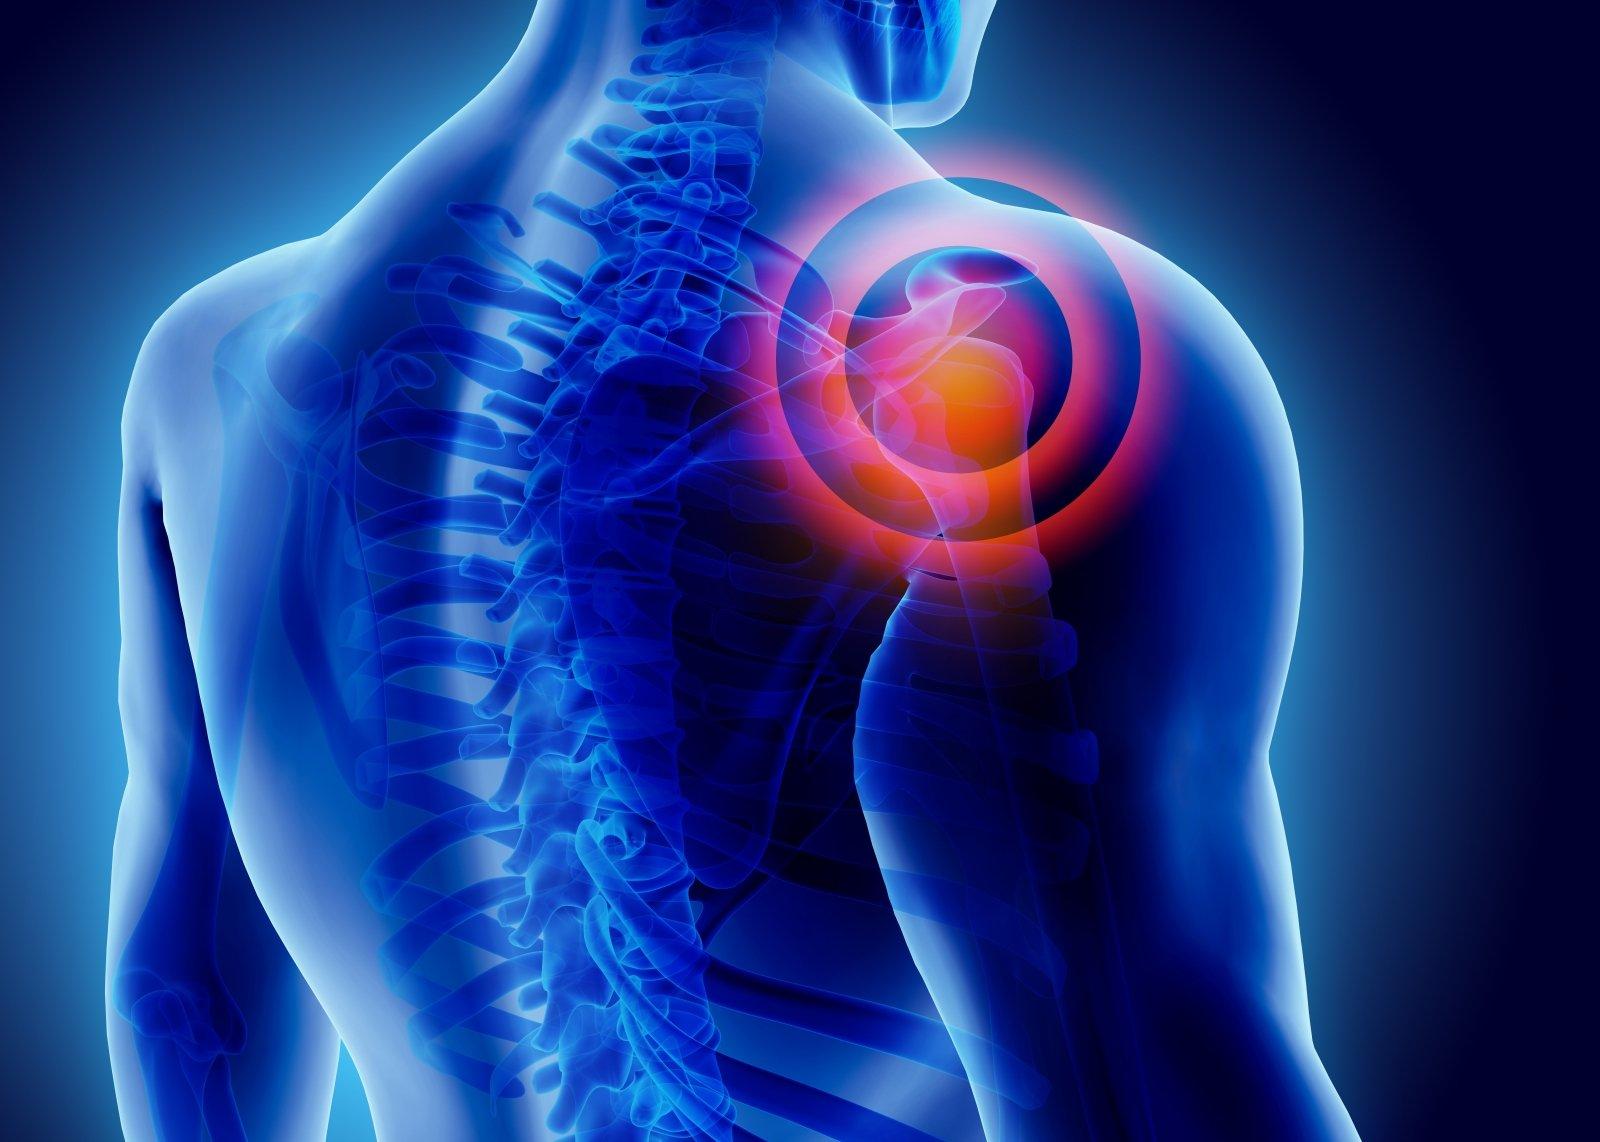 kur kreiptis dėl skausmo peties sąnario